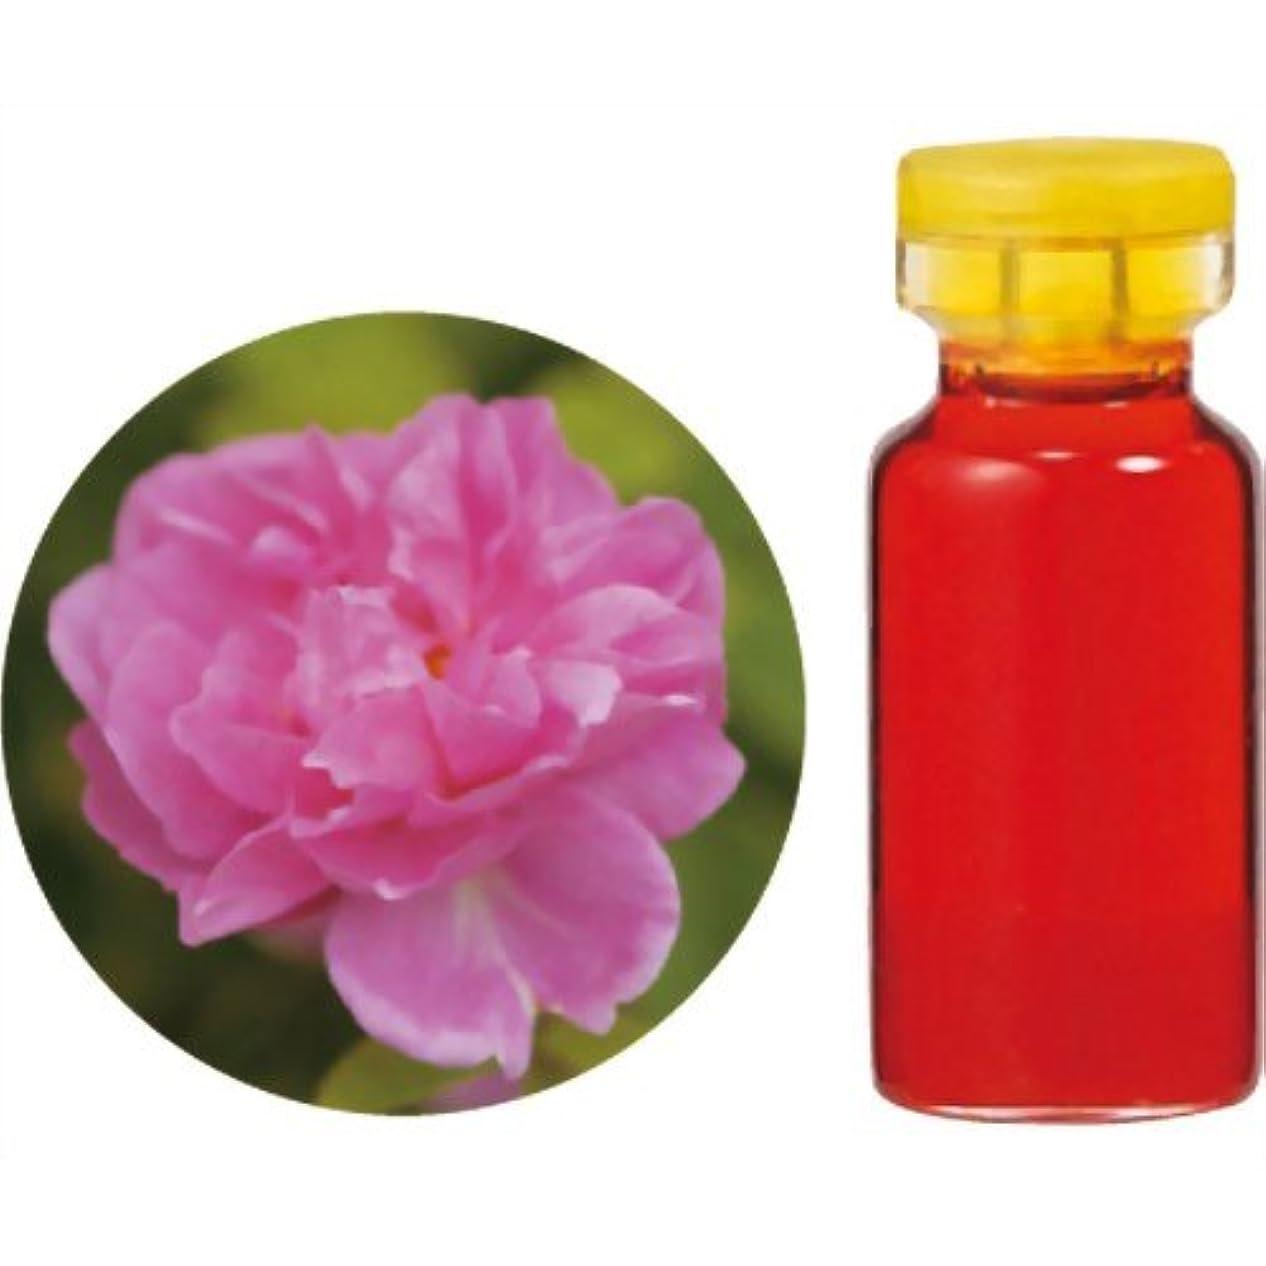 正気省略ぼんやりした生活の木 Herbal Life 花精油 ダマスクローズAbs.(モロッコ産) 3ml